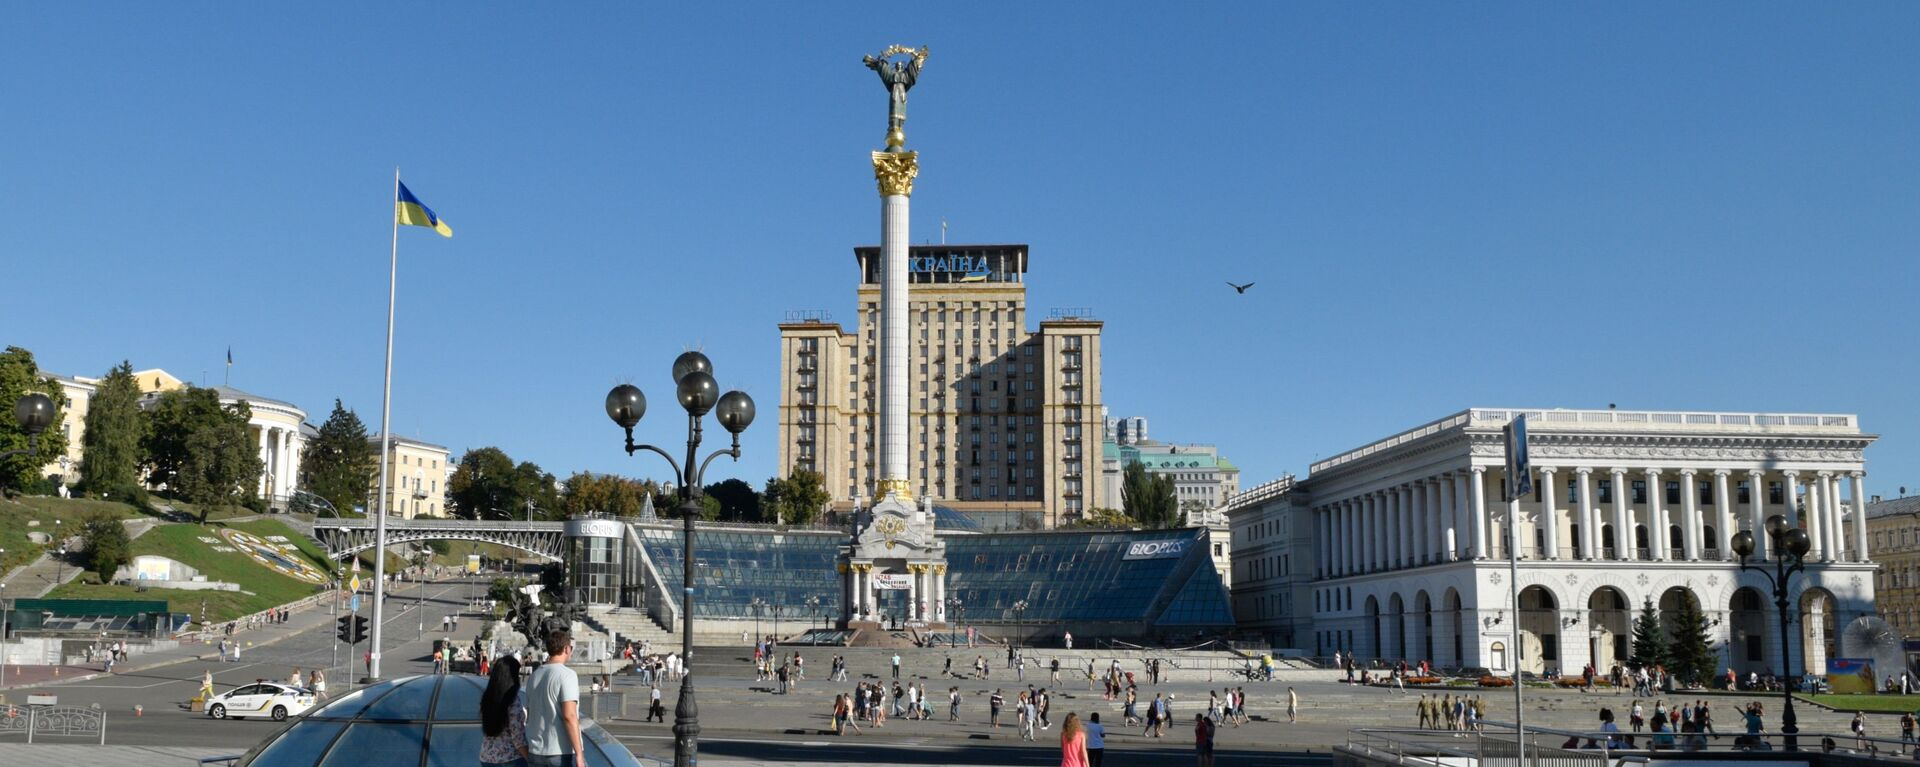 Kyjev - Sputnik Česká republika, 1920, 21.07.2021